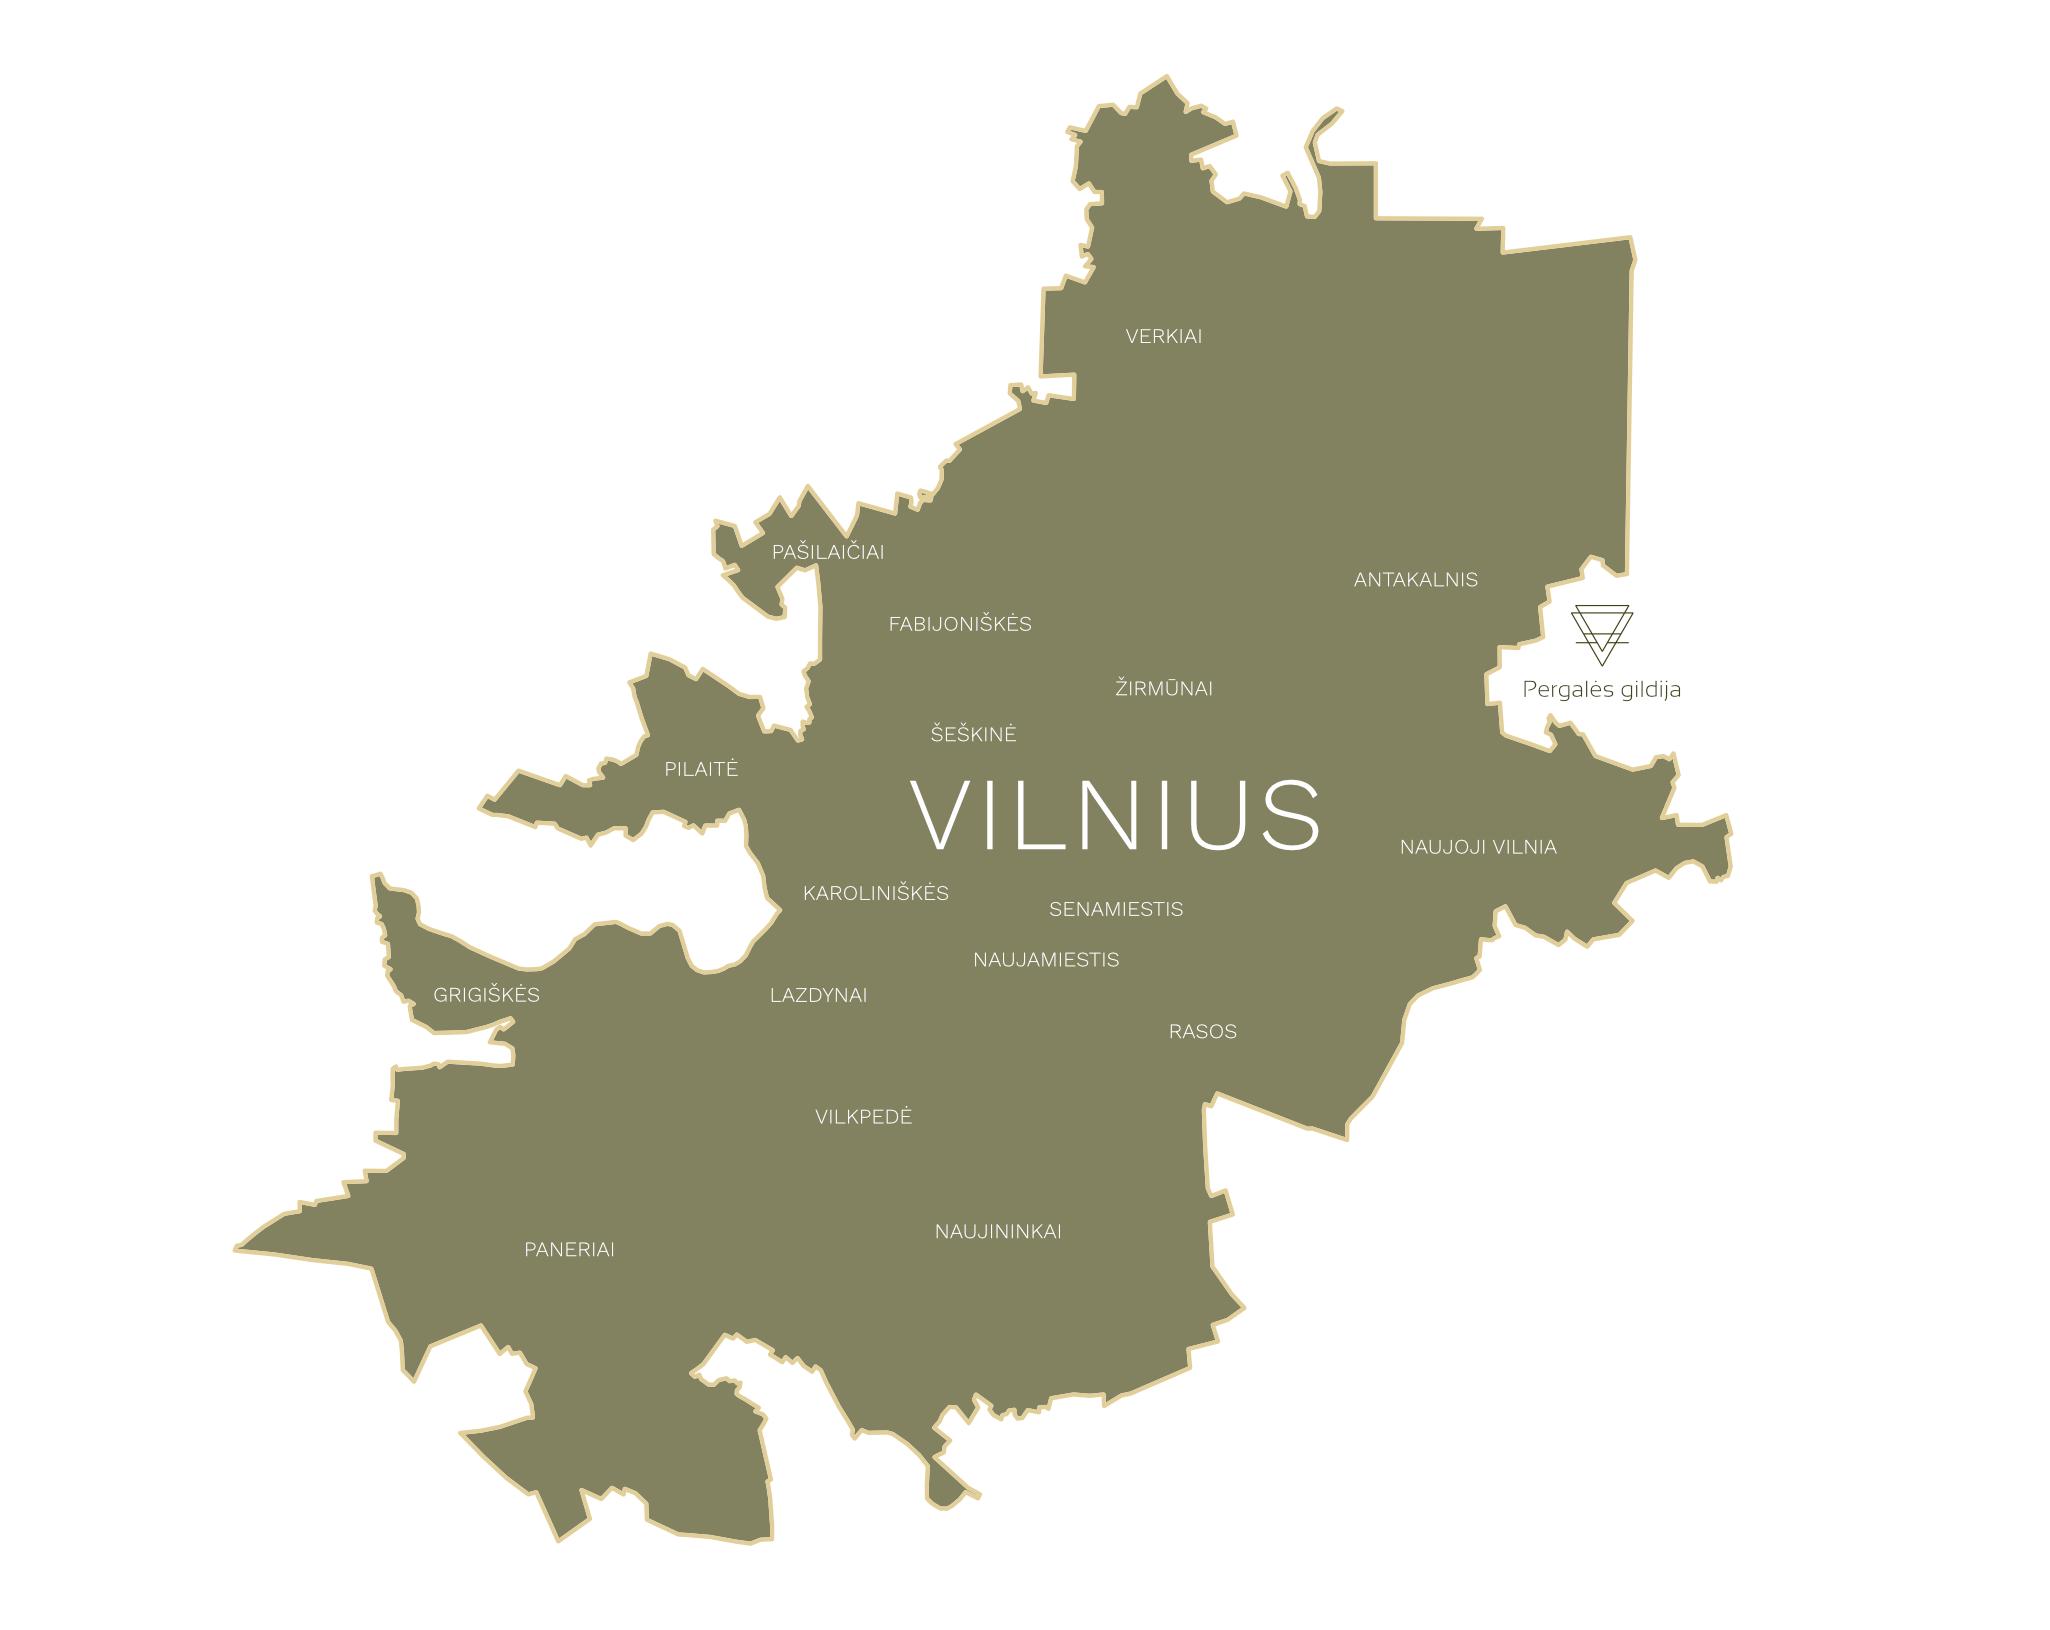 Vilniaus miesto žemėlapis. Naujas nuosavų gyvenamųjų namų kvartalas Vilniaus rajone. Parduodami namų valdos sklypai prie Vilniaus. Kairėnai. Galgiai